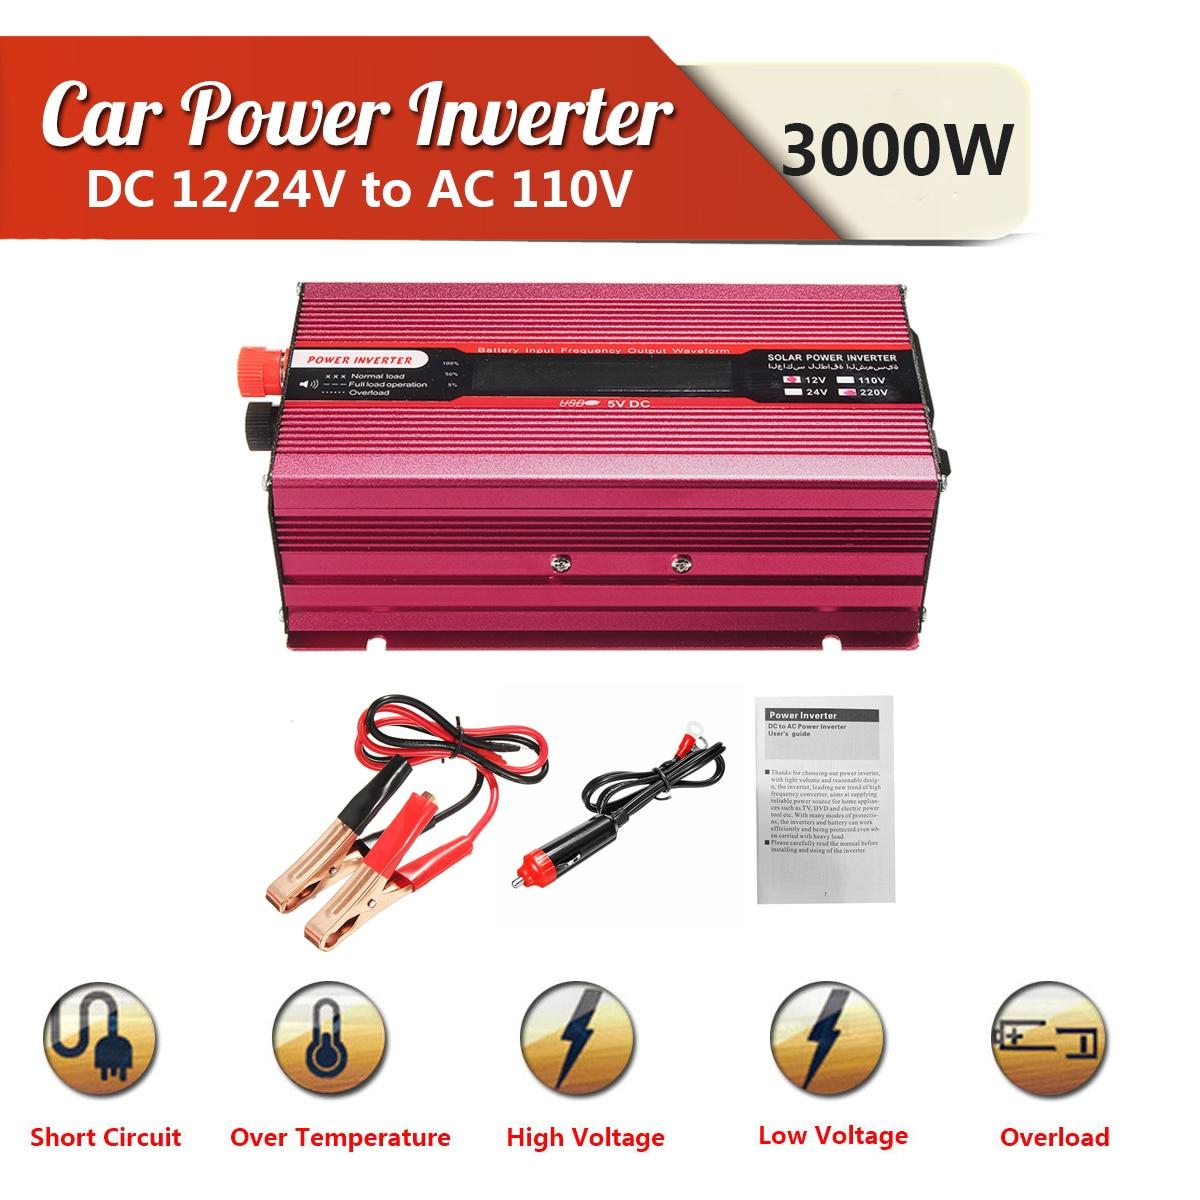 Car Power Inverter Voltage Transformer PEAK 3000W 12/24V To AC 220/110V USB Modified Sine Wave Converter Low Noise Multiple